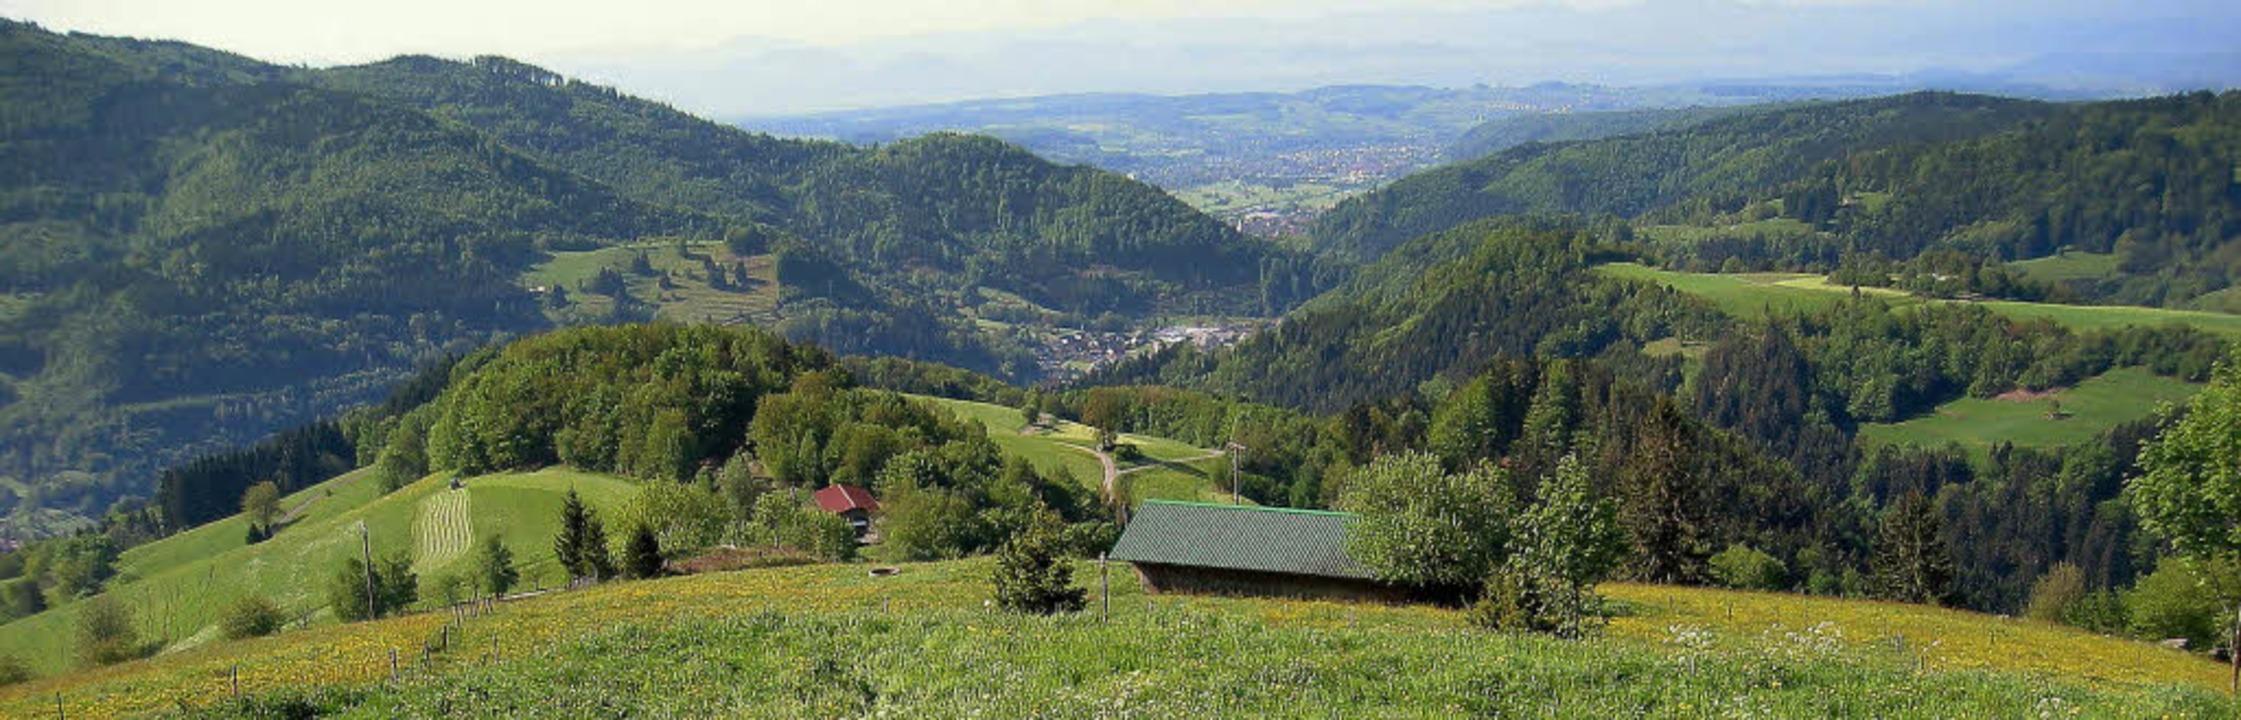 Blick vom mittleren Panoramaweg in Ric...ie zwischen  zwei Glaubensrichtungen.   | Foto: Werner Störk